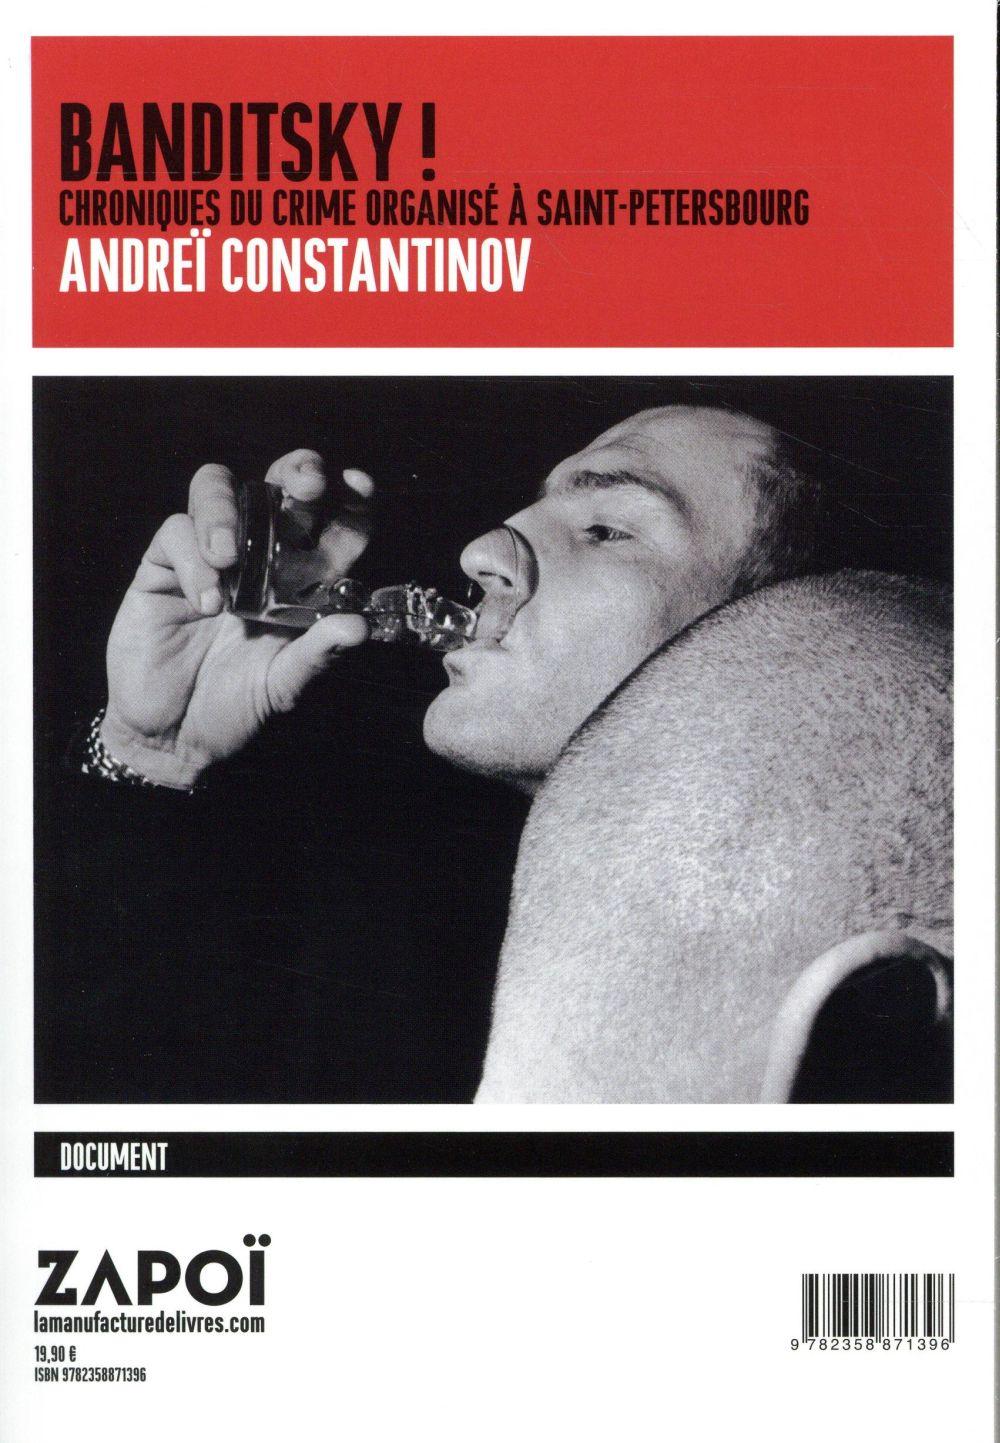 Banditsky ! chroniques du crime organisé à Saint-Pétersbourg